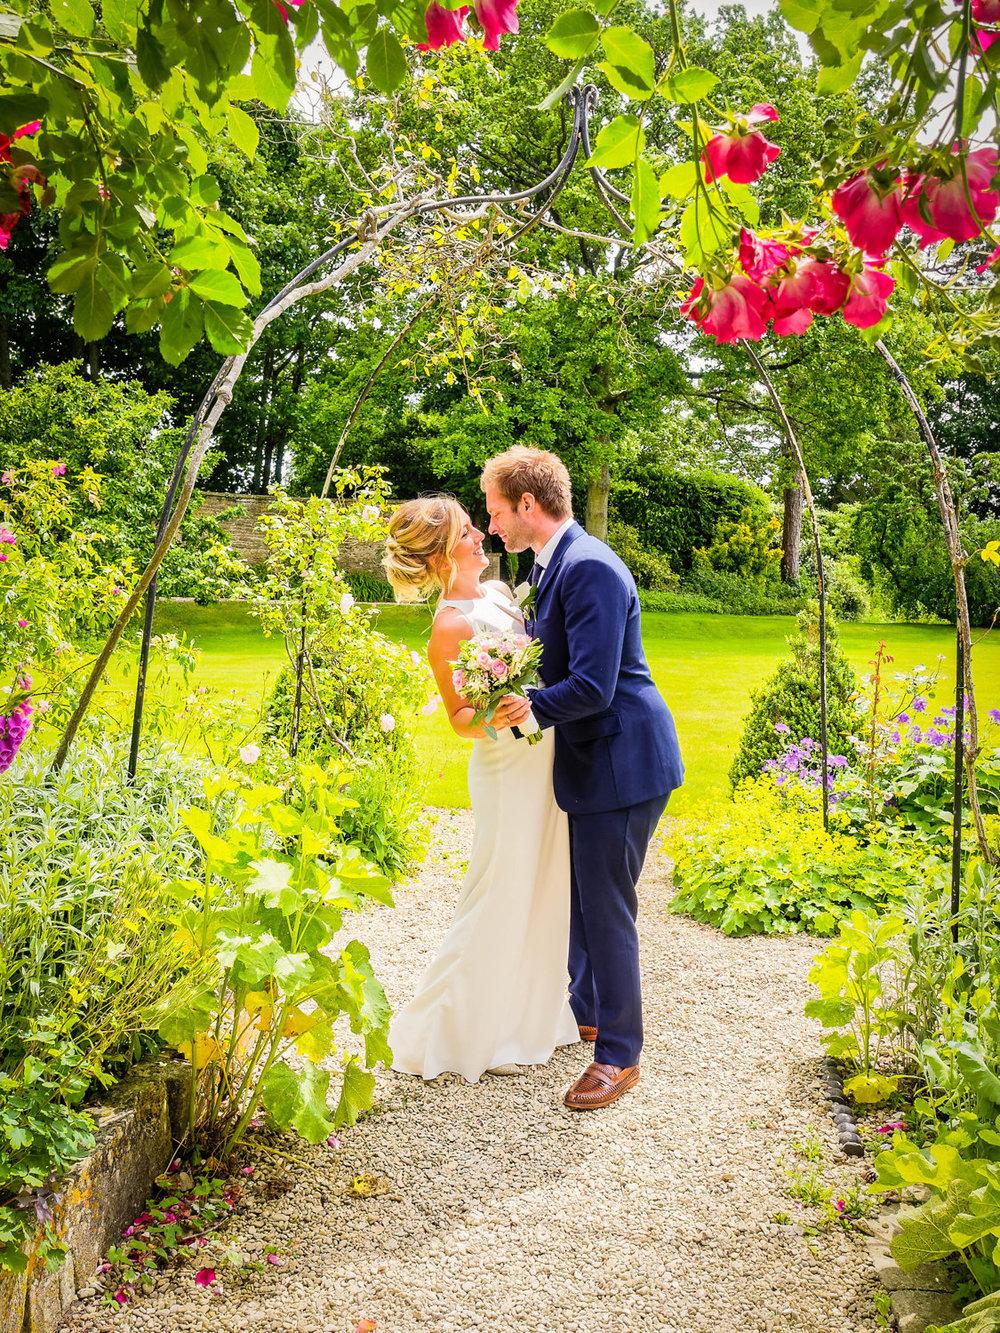 wedding photographer Bath - www.thefxworks.co.uk8.JPG